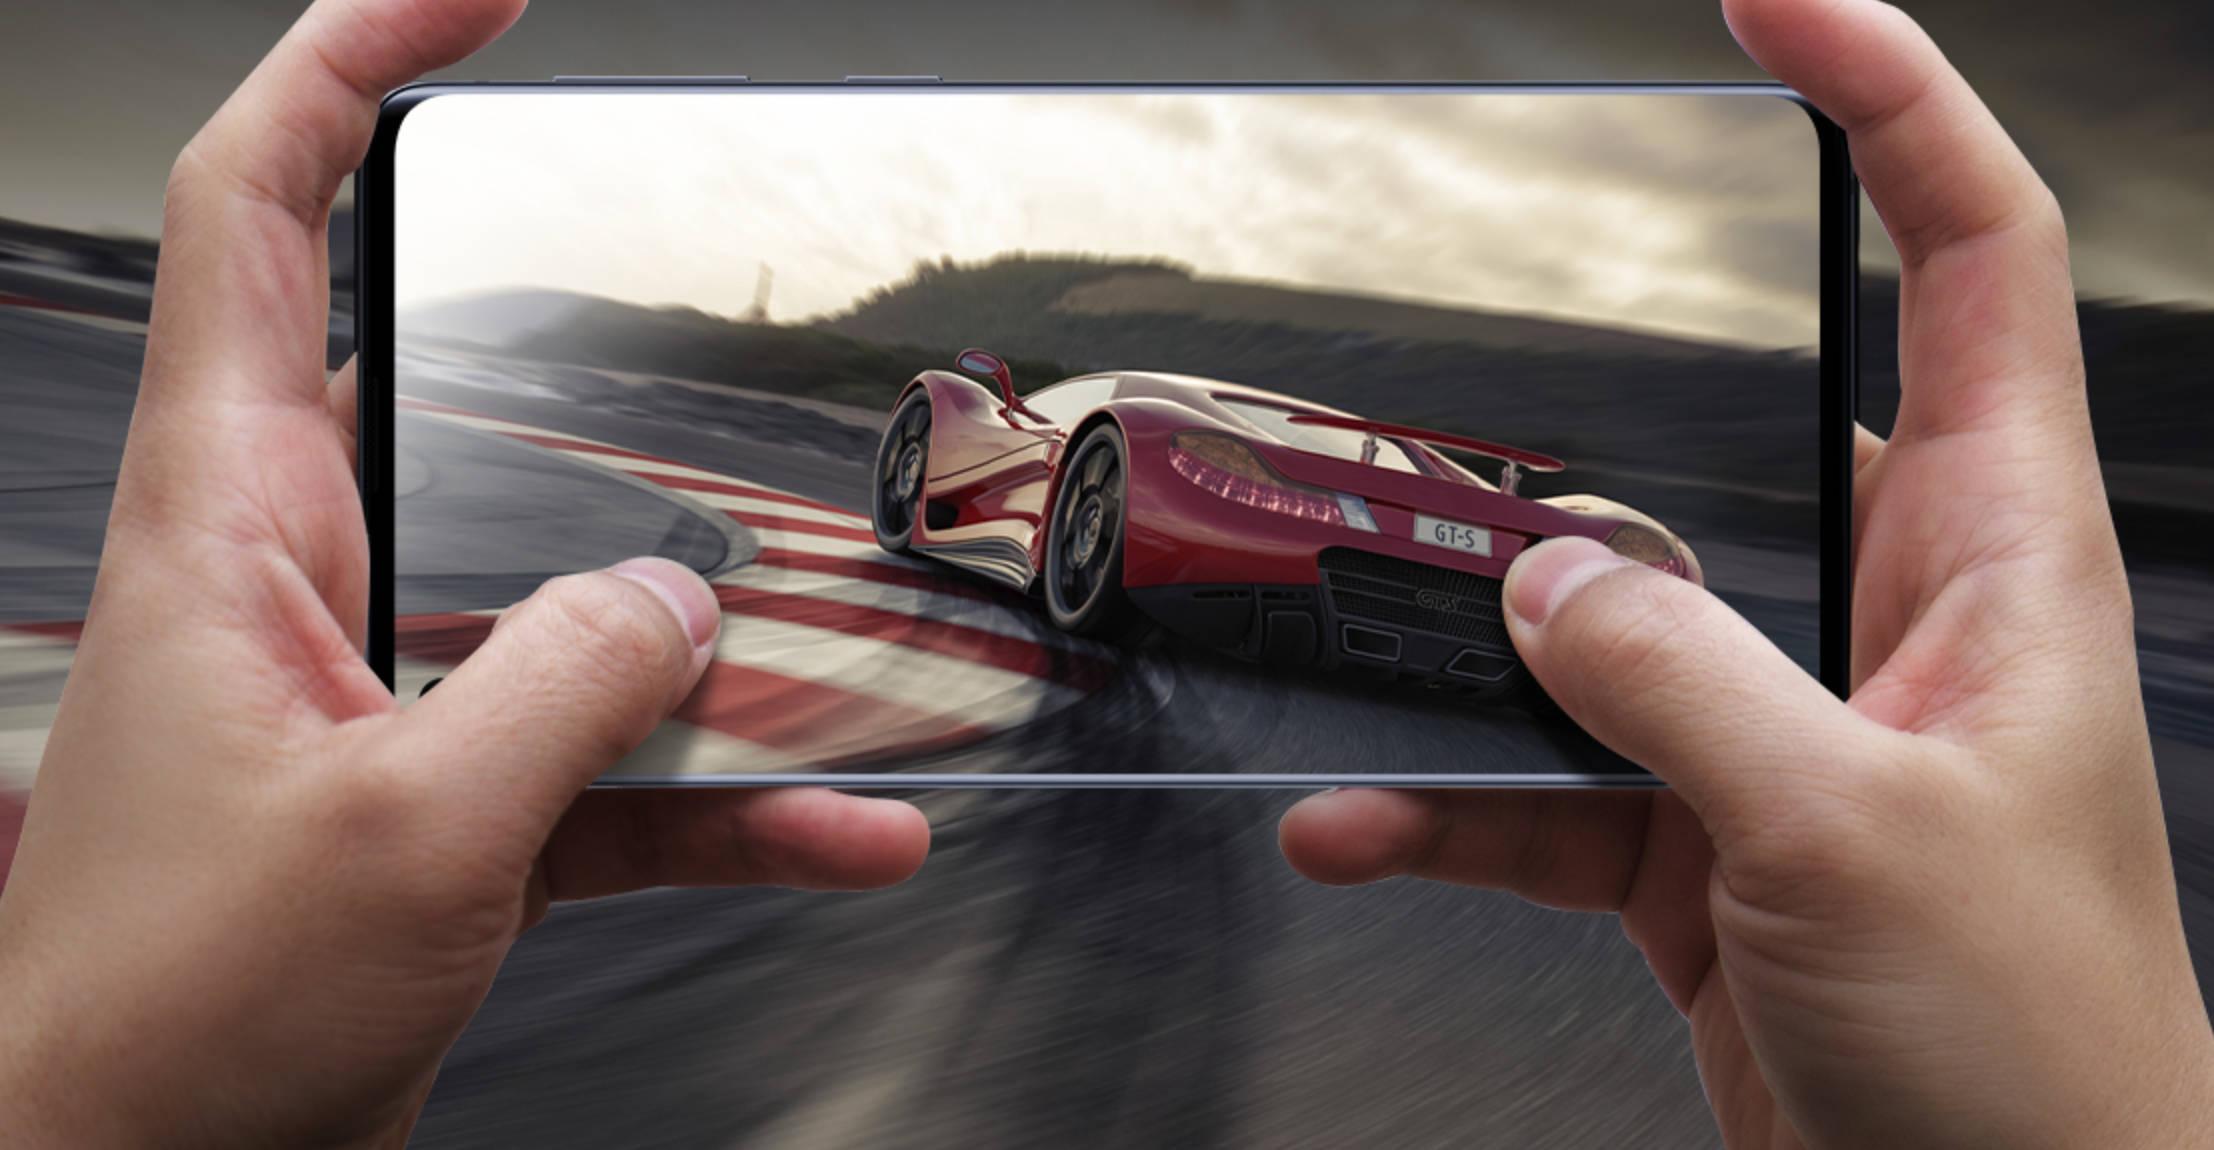 Exynos 9825 szczegóły procesor SoC ARM specyfikacja techniczna Samsung Galaxy Note 10 informacje